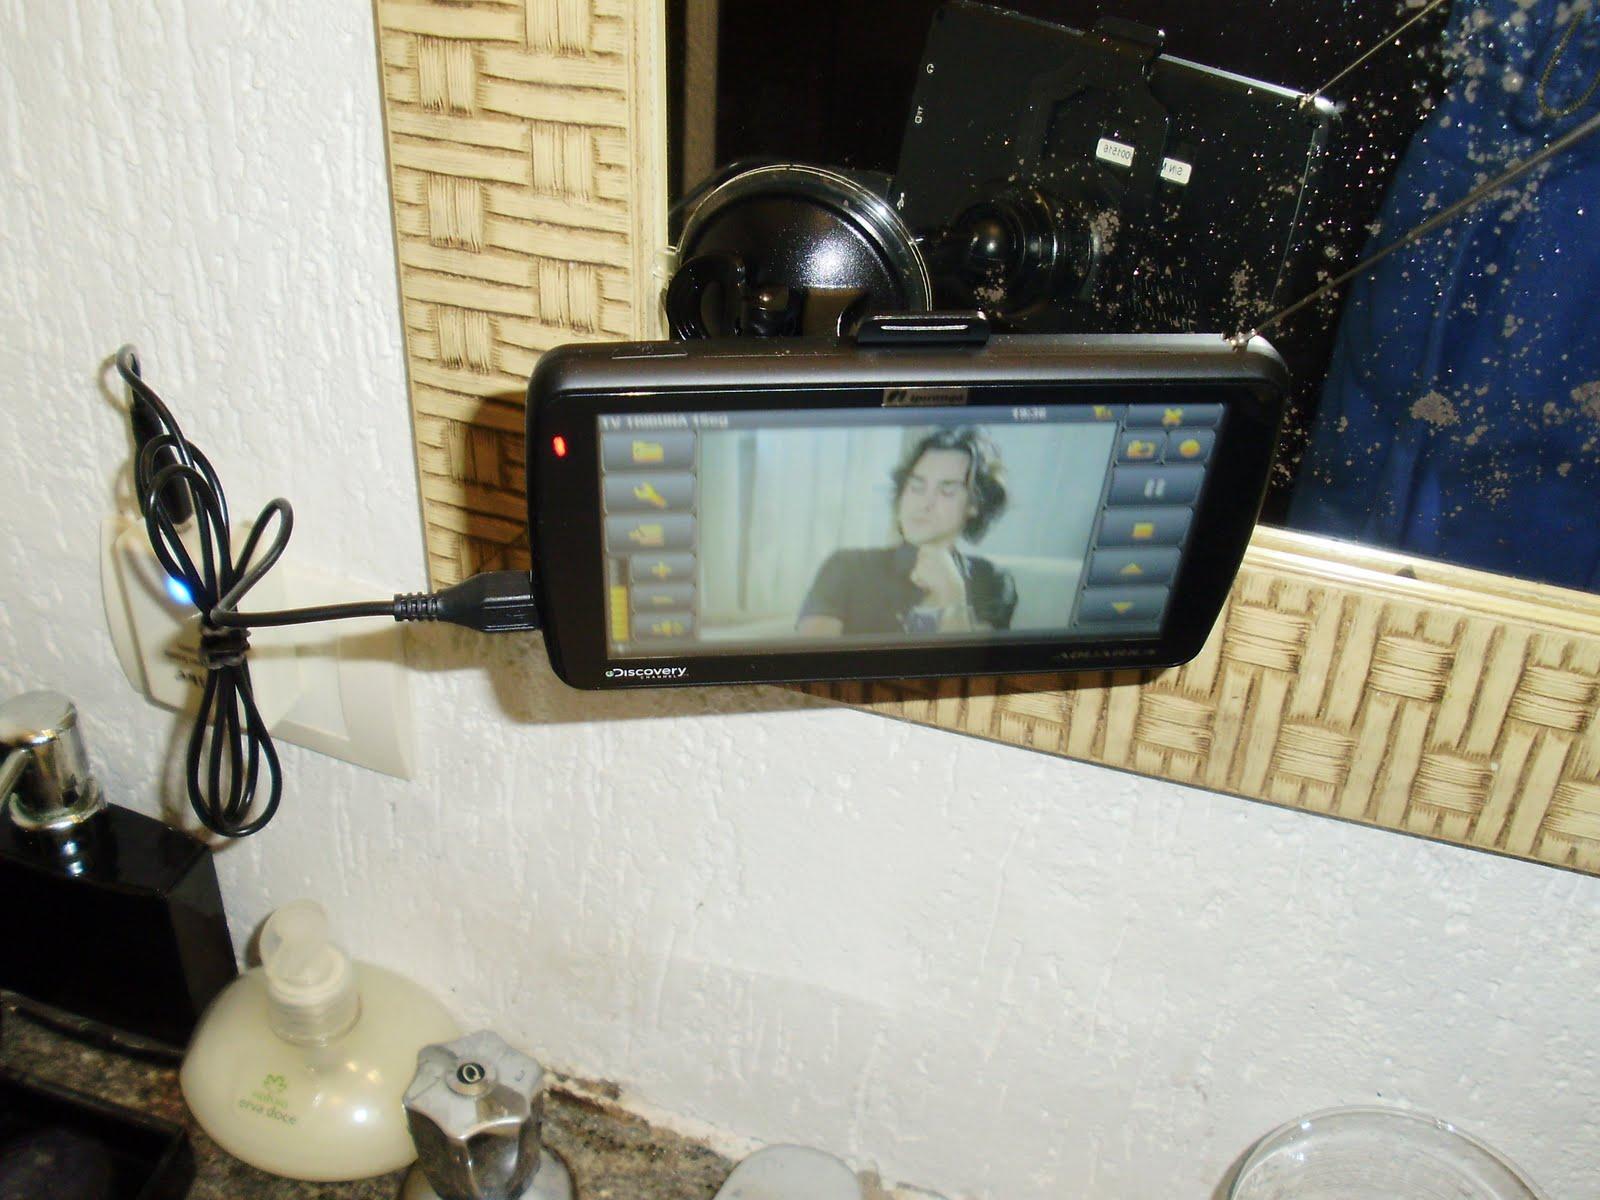 poder ver TV no banheiro Aposentei a leitura nessas horas rsr #273B5C 1600 1200